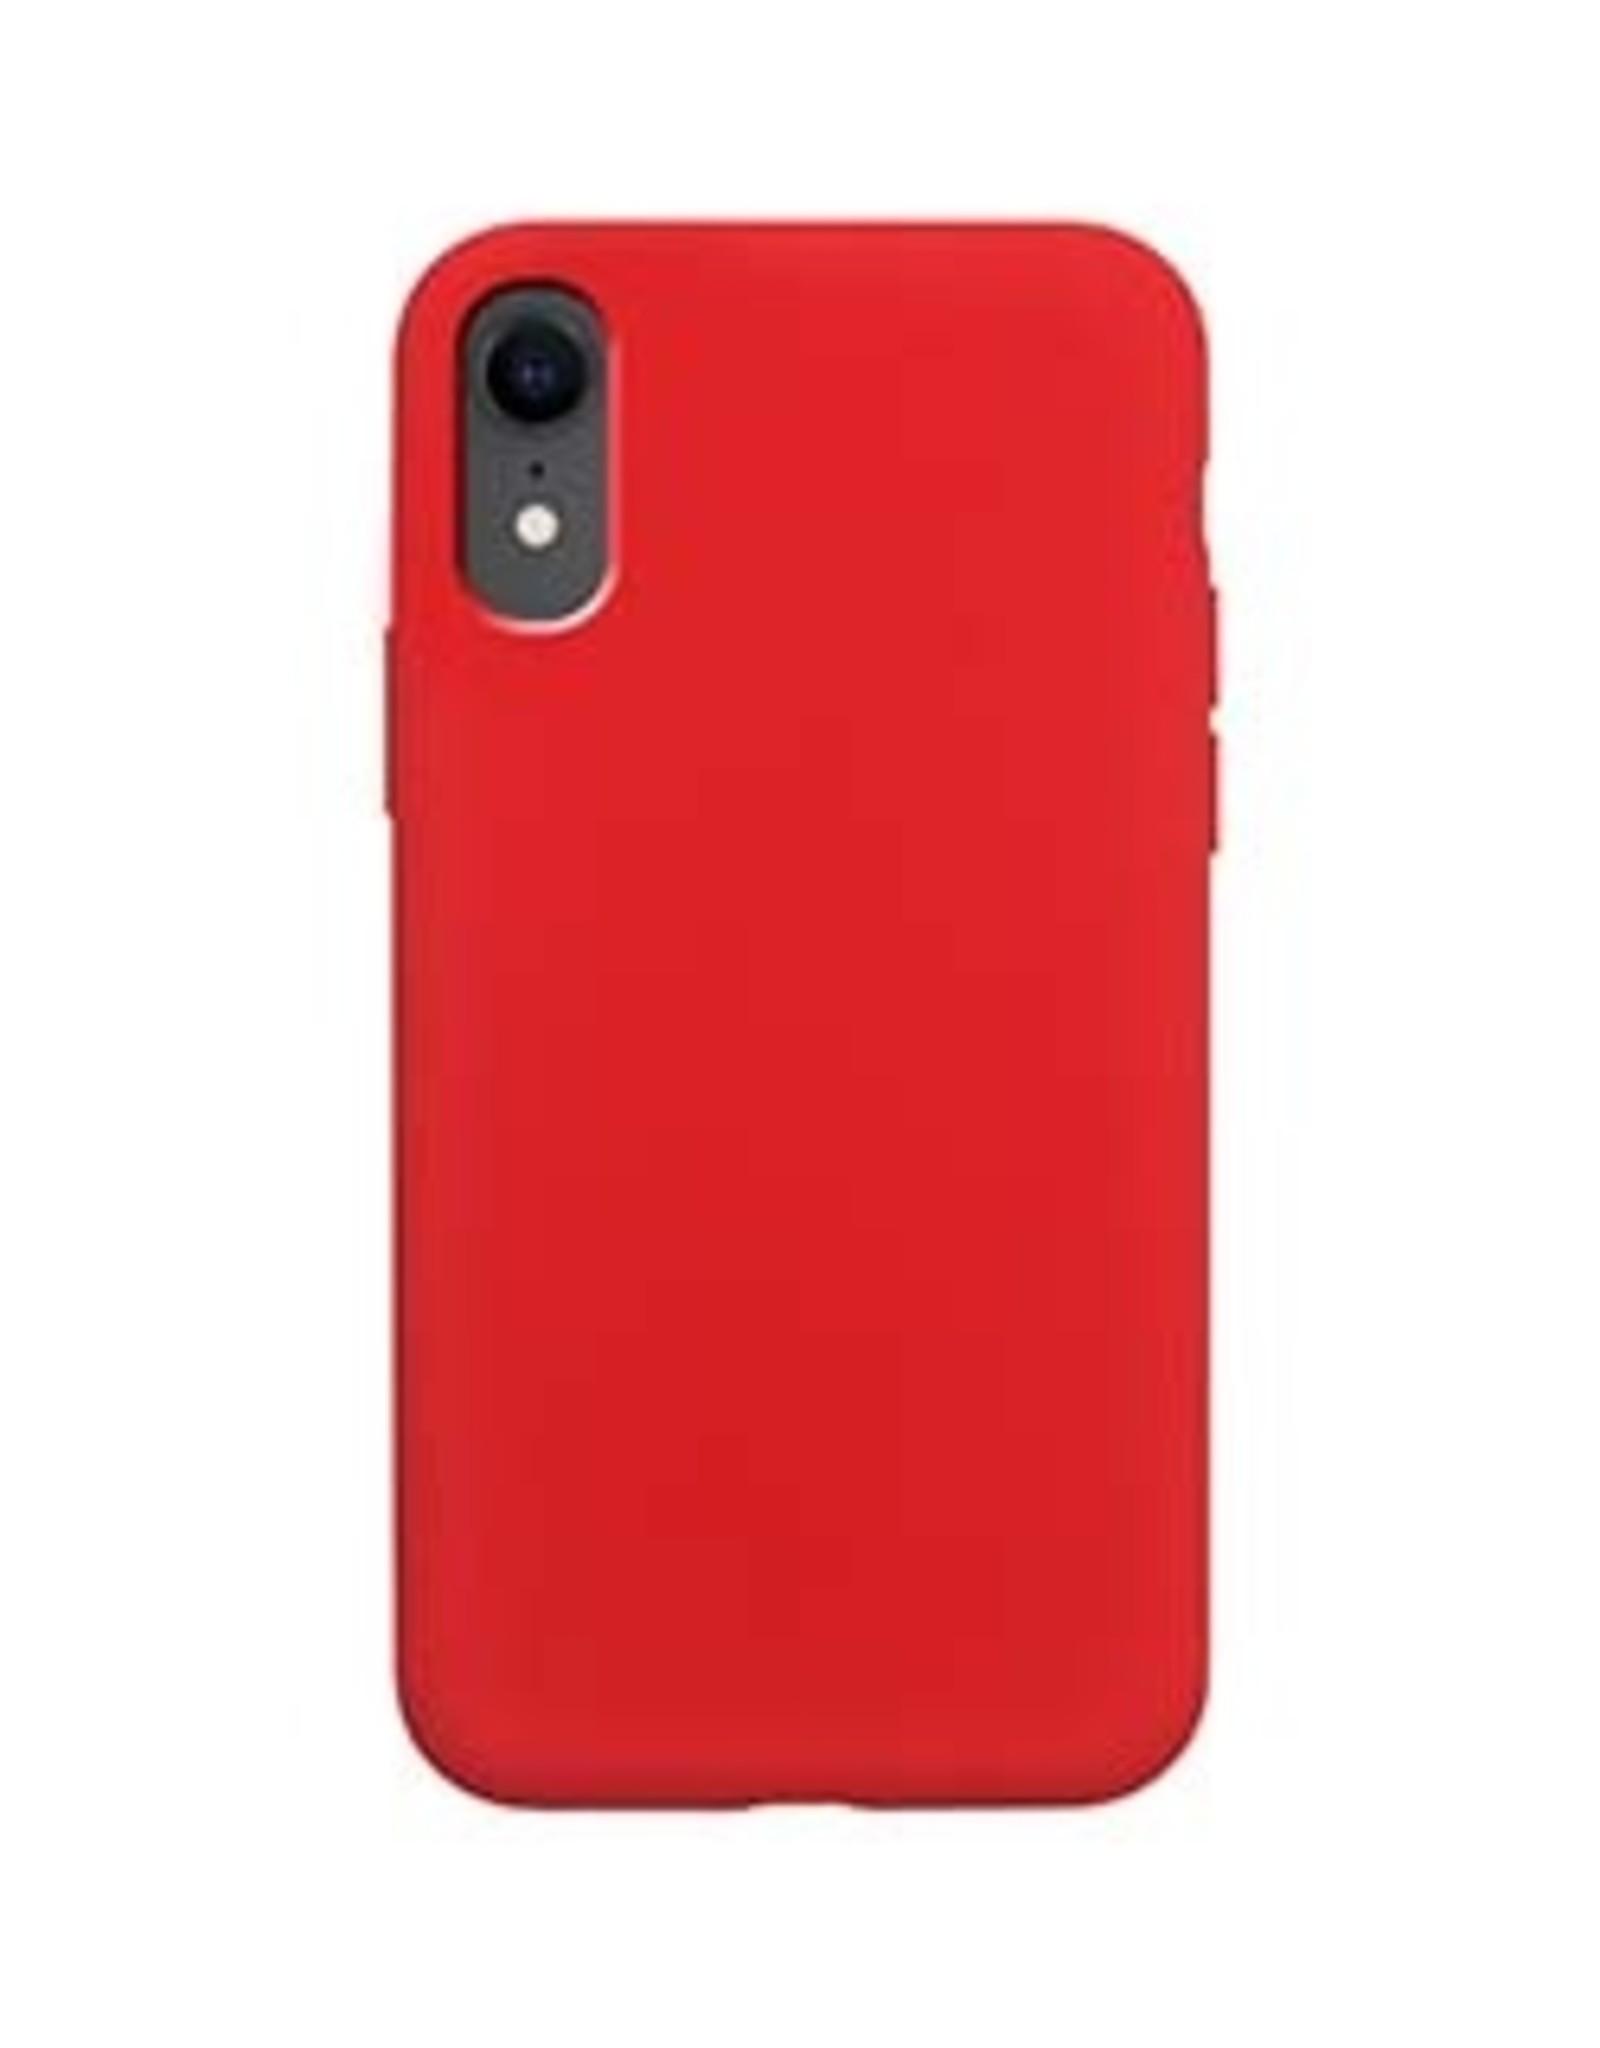 Uunique London | iPhone XR  Red Liquid Silicone Case 15-04659